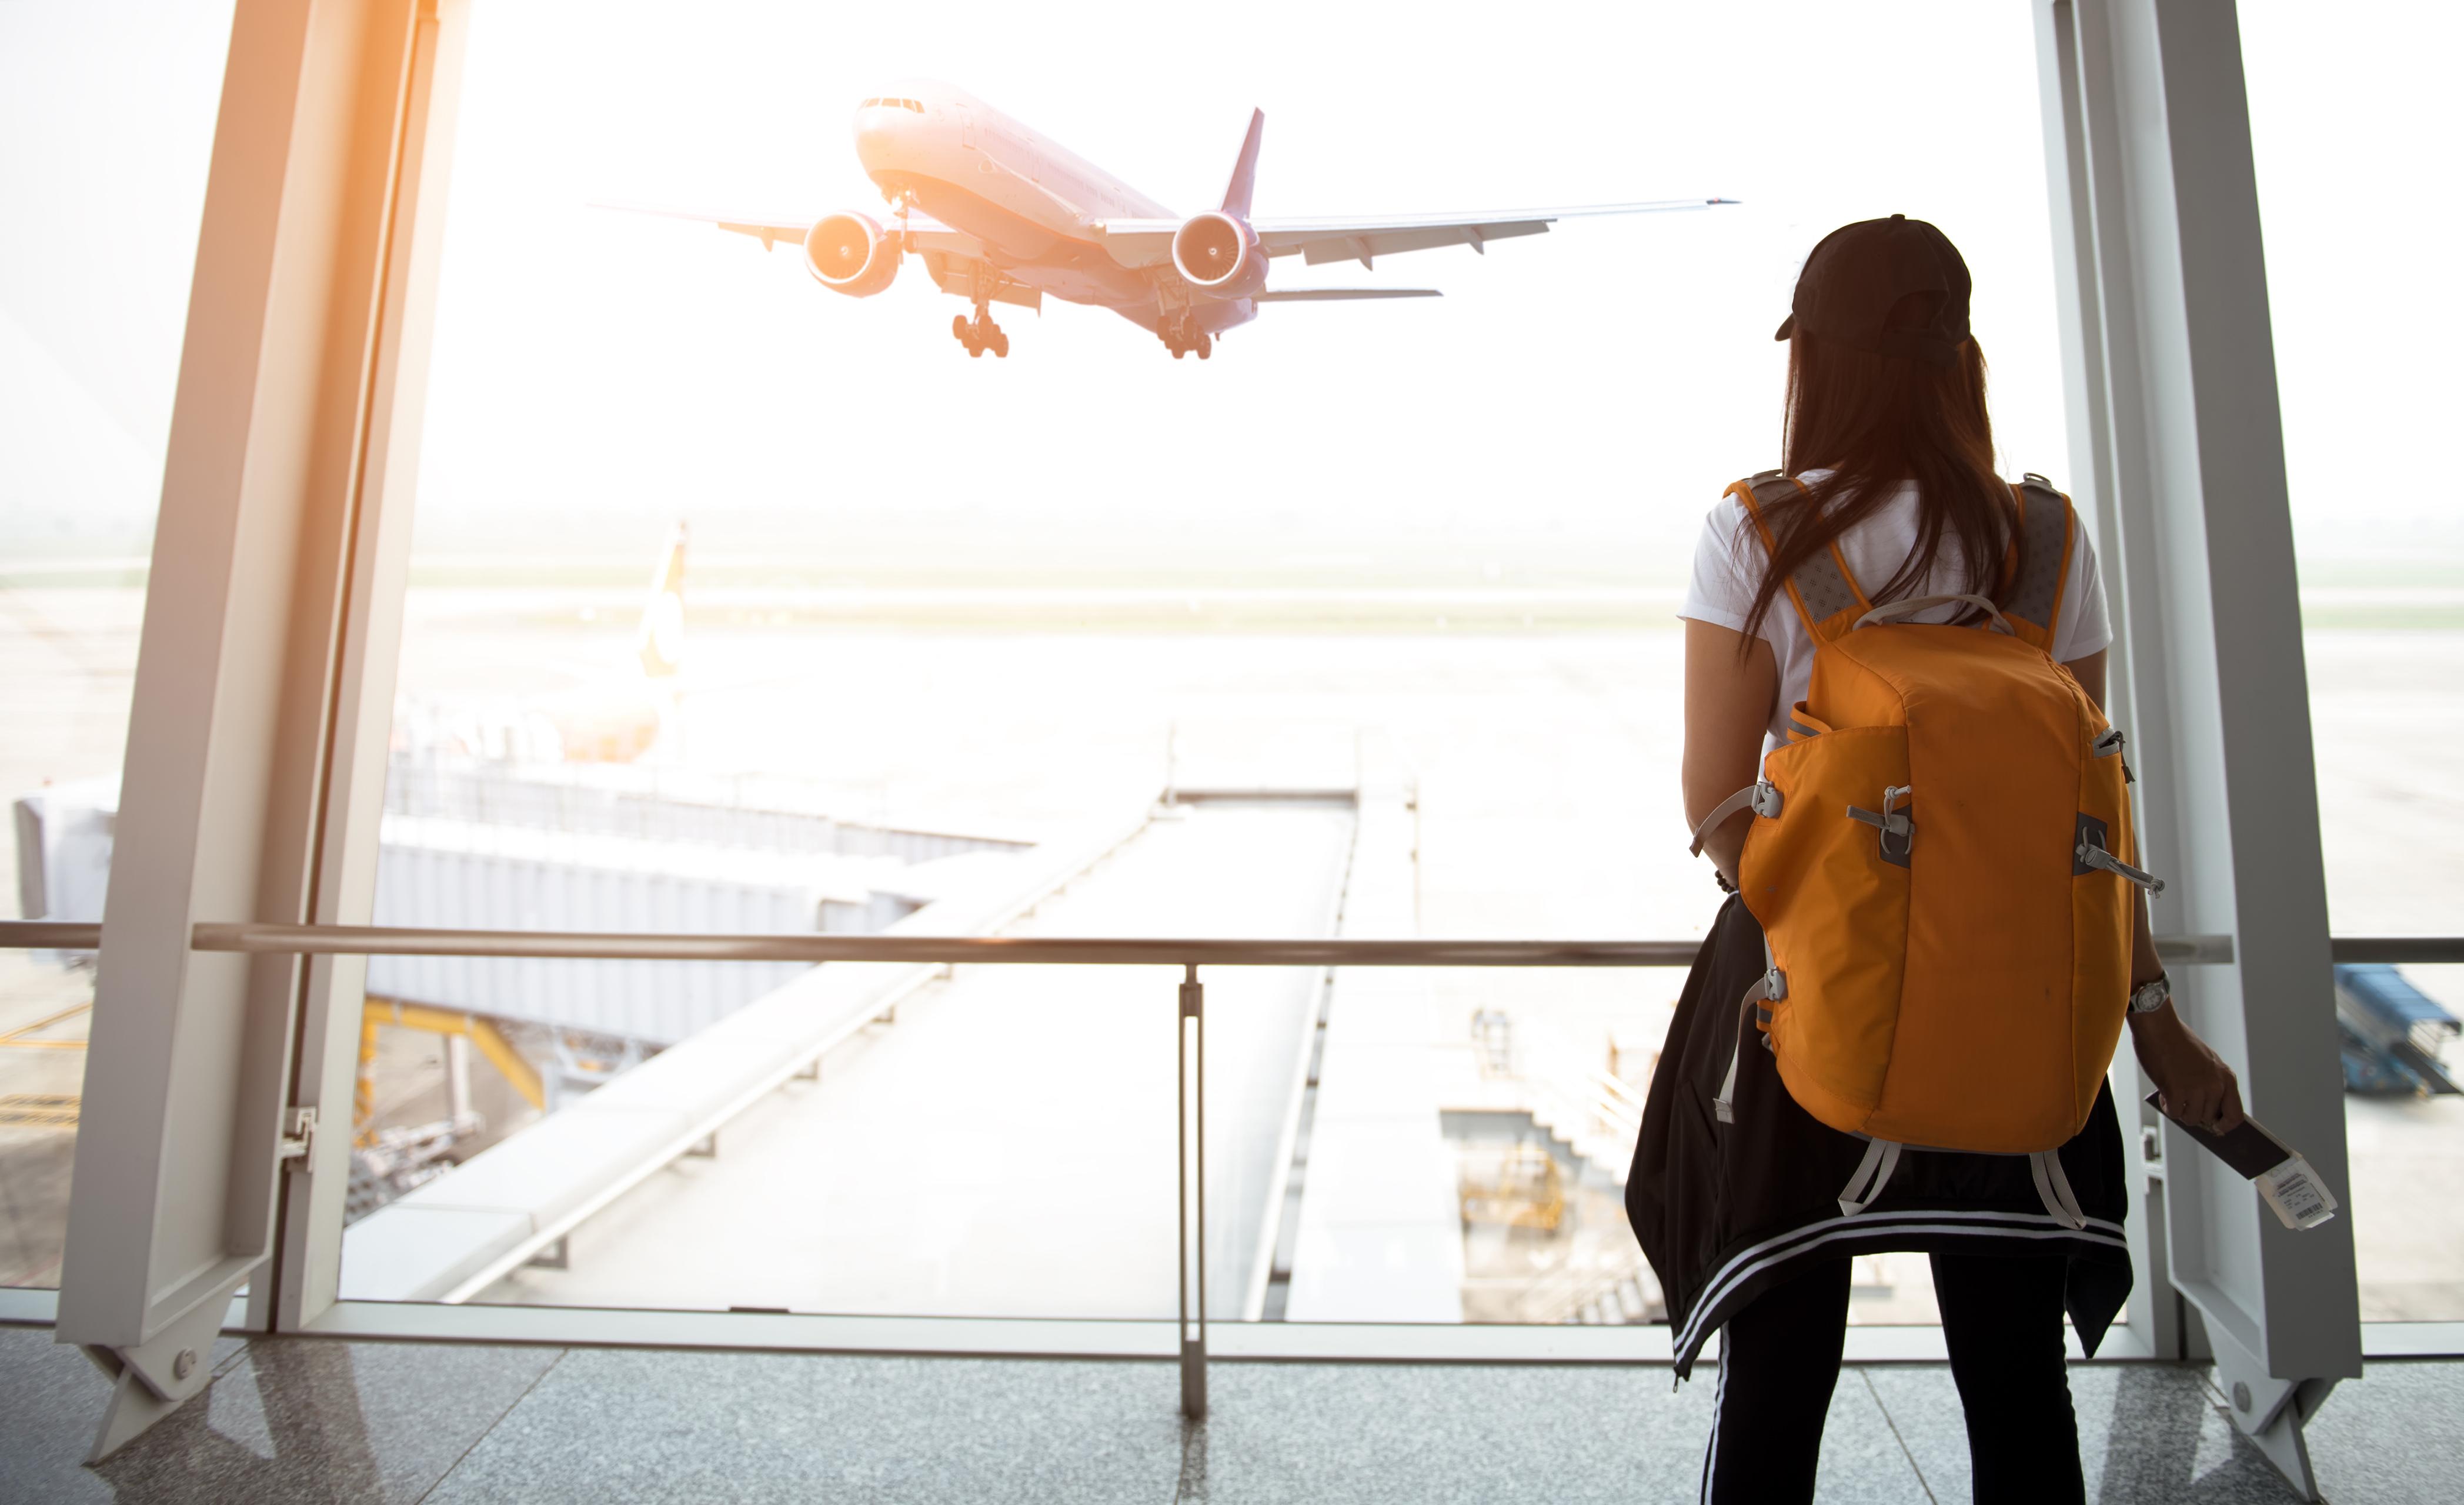 Девушка, которая может оформить транзитную визу в аэропорту Мексики